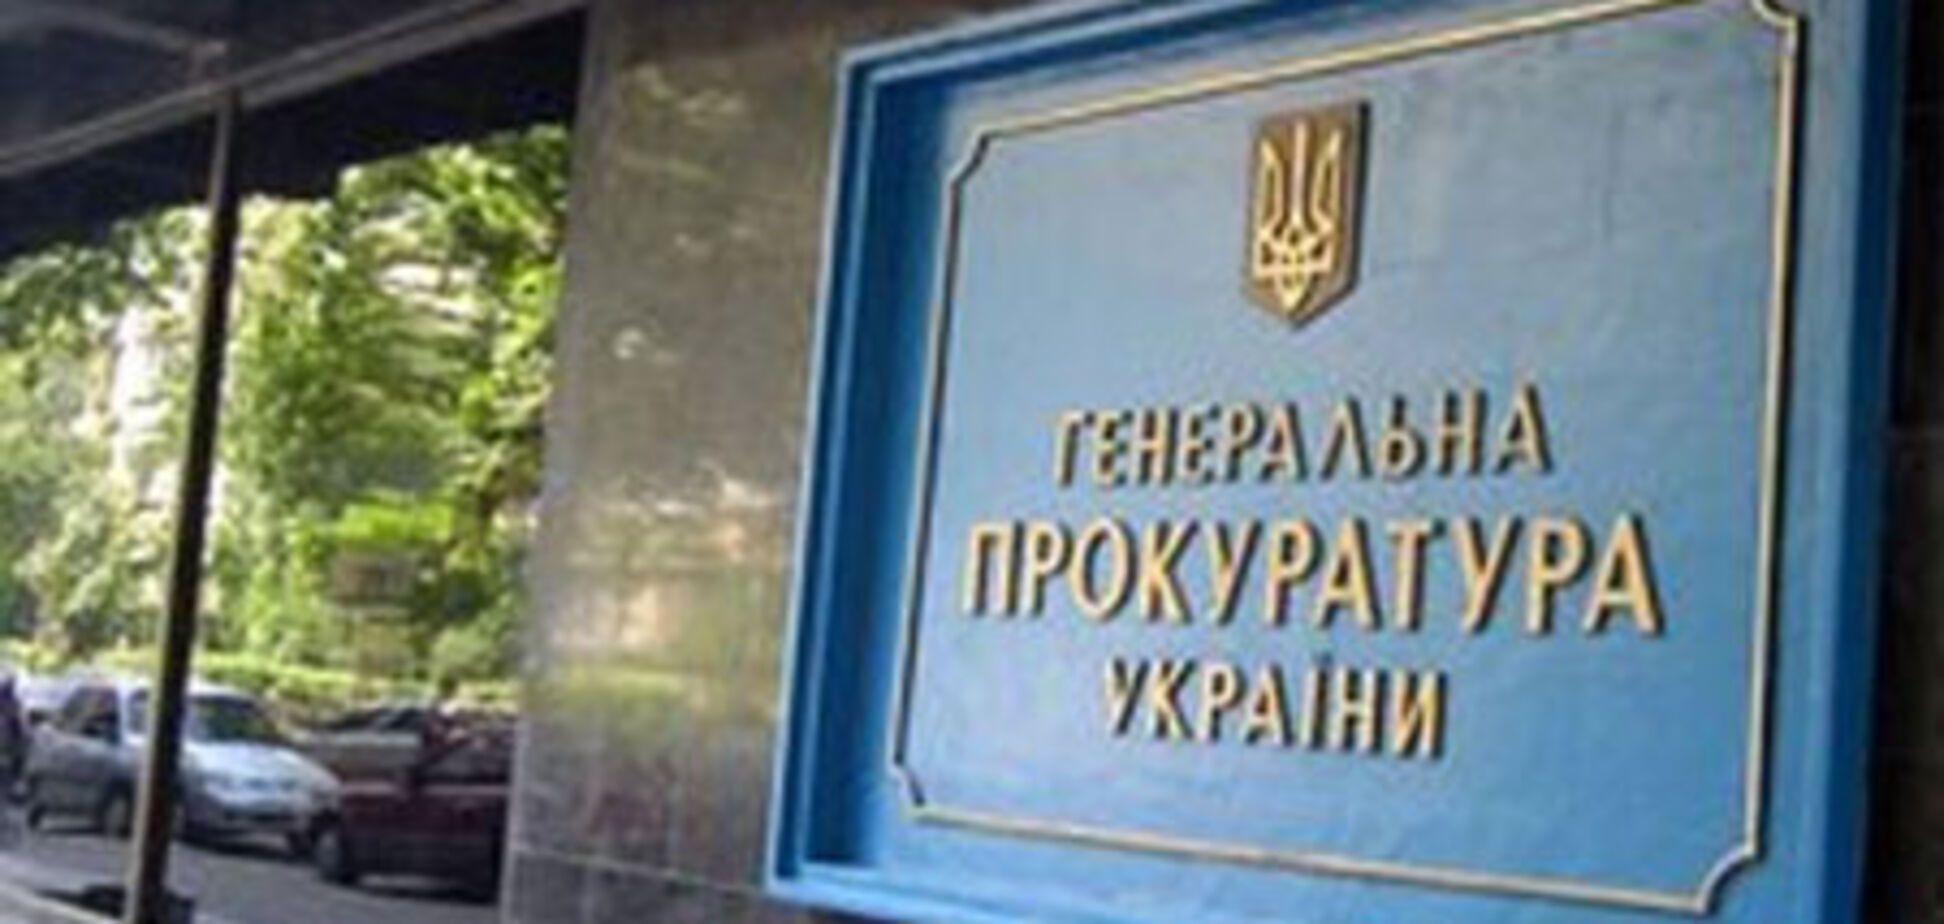 ГПУ: кримінальна справа проти Данилишина не закривається